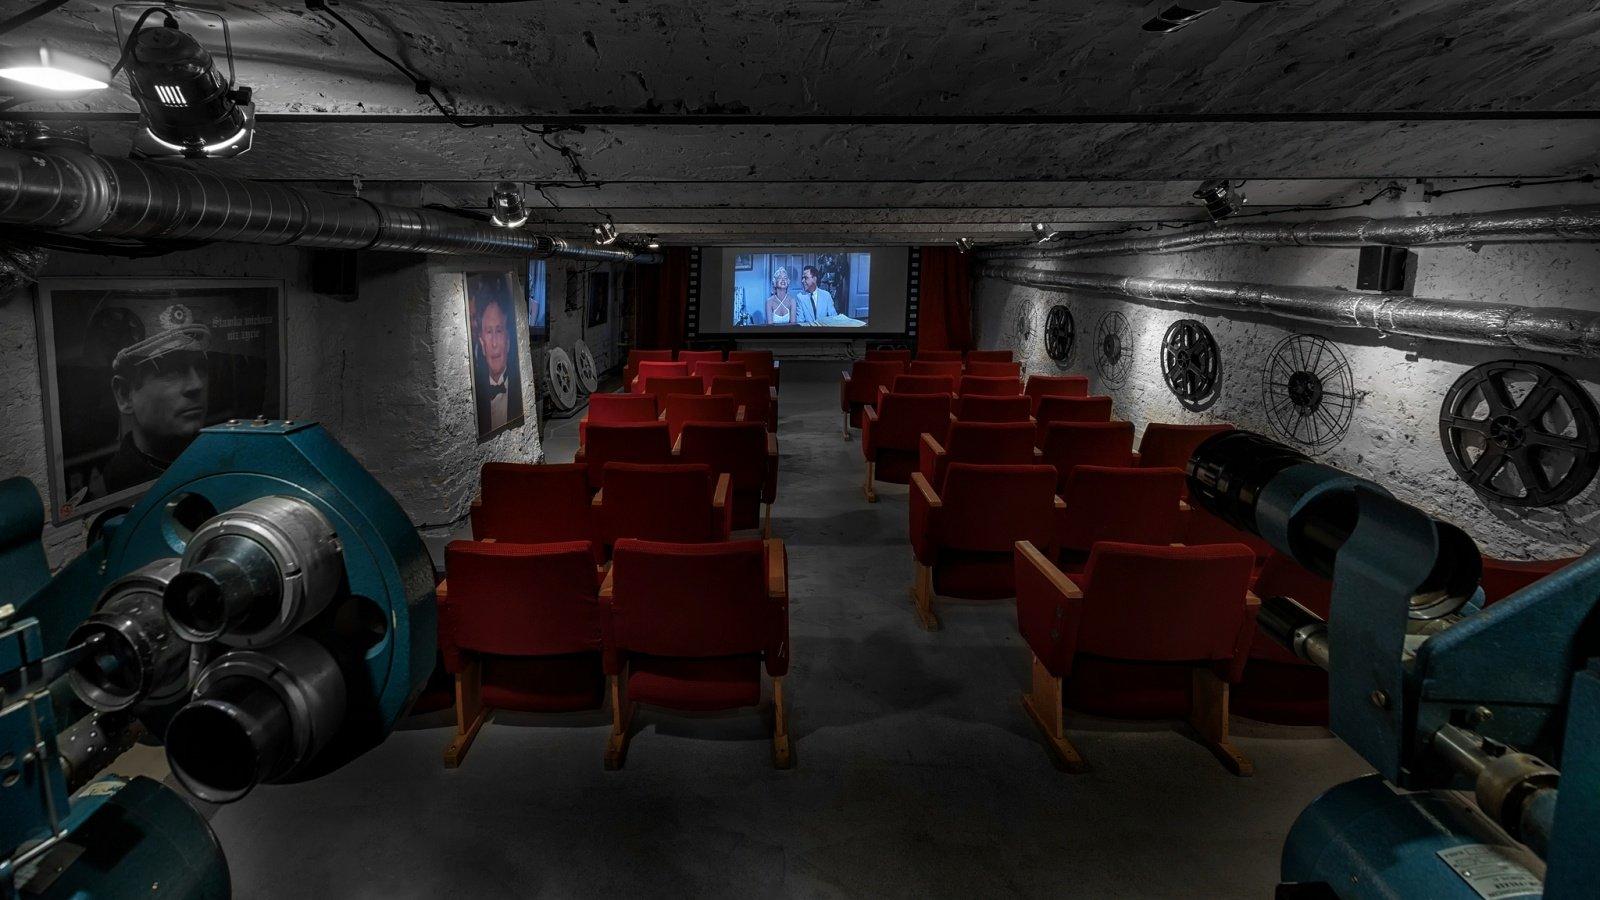 Sala kinowa Stare Kino w Łodzi